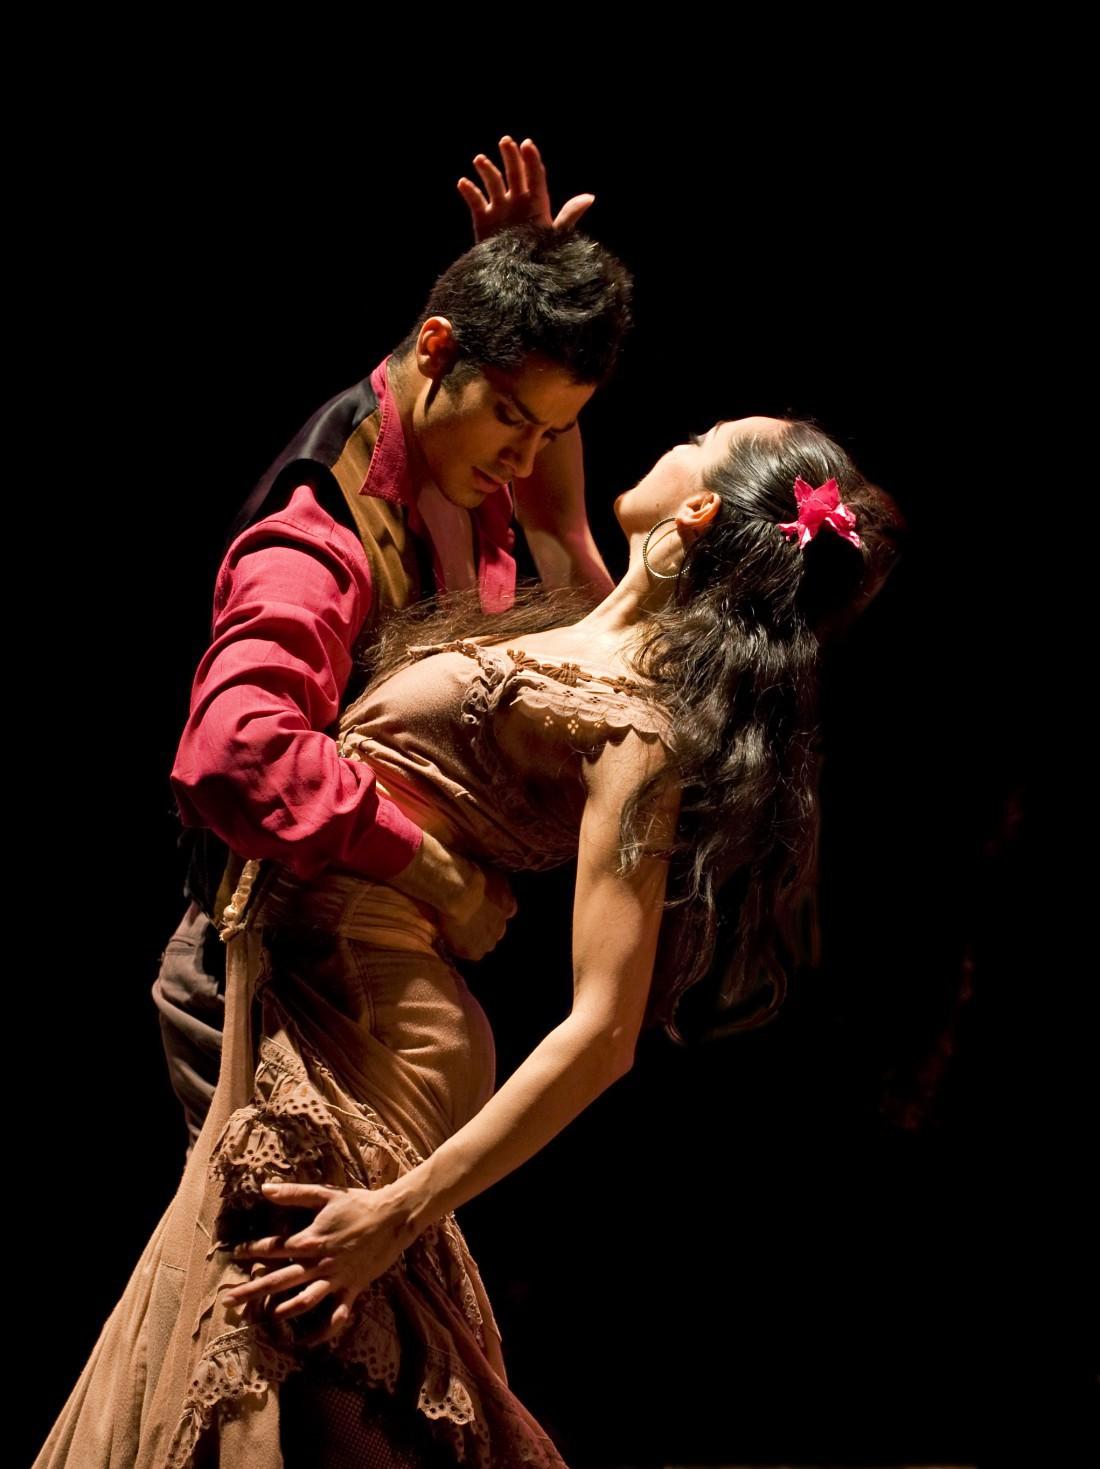 Фламенко нельзя сыграть, его танцуют и проживают каждый раз